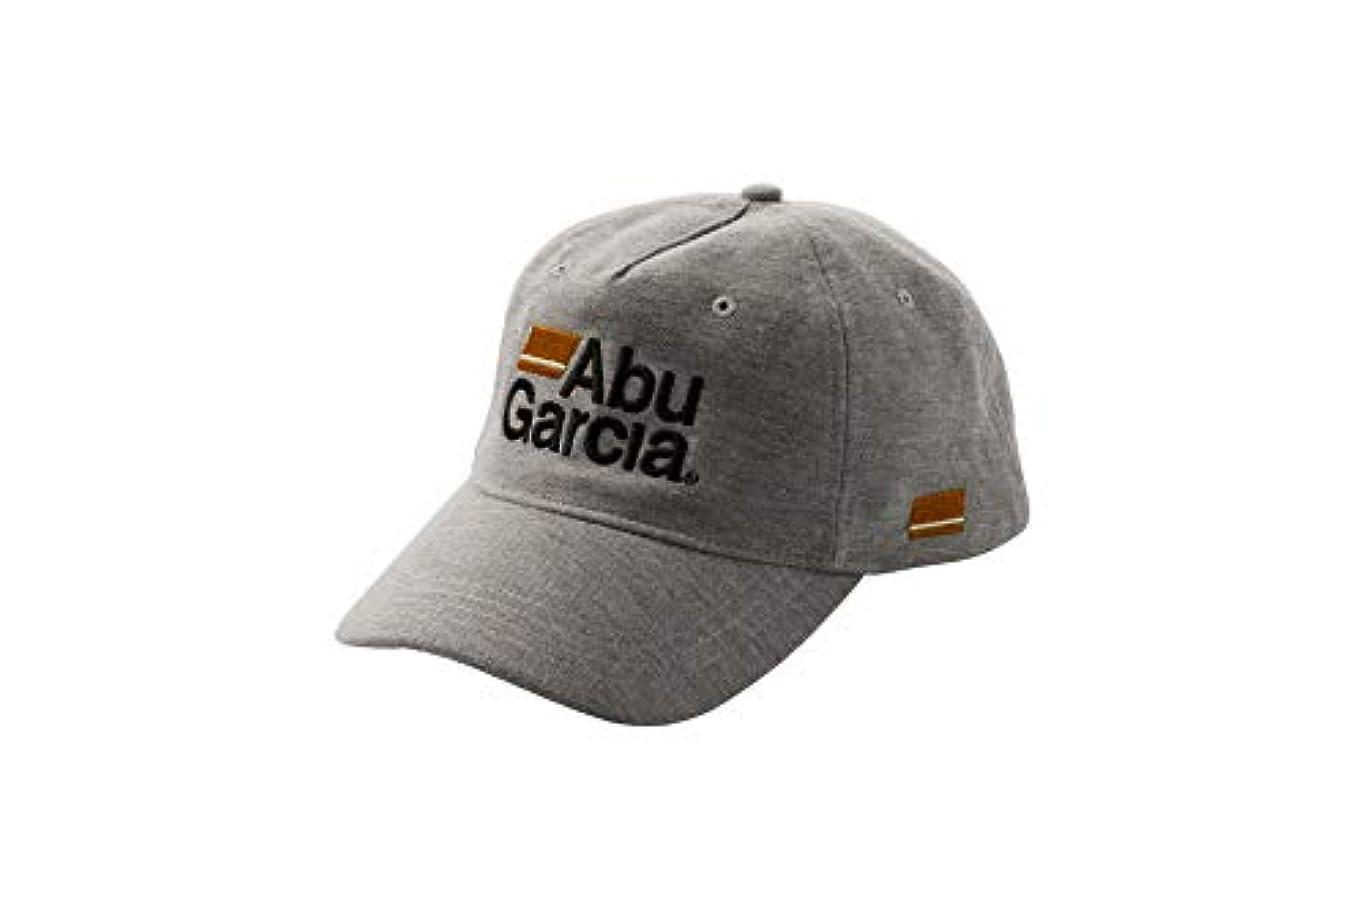 アブガルシア(Abu Garcia) キャップ ABU ドライロゴキャップ 帽子 釣り